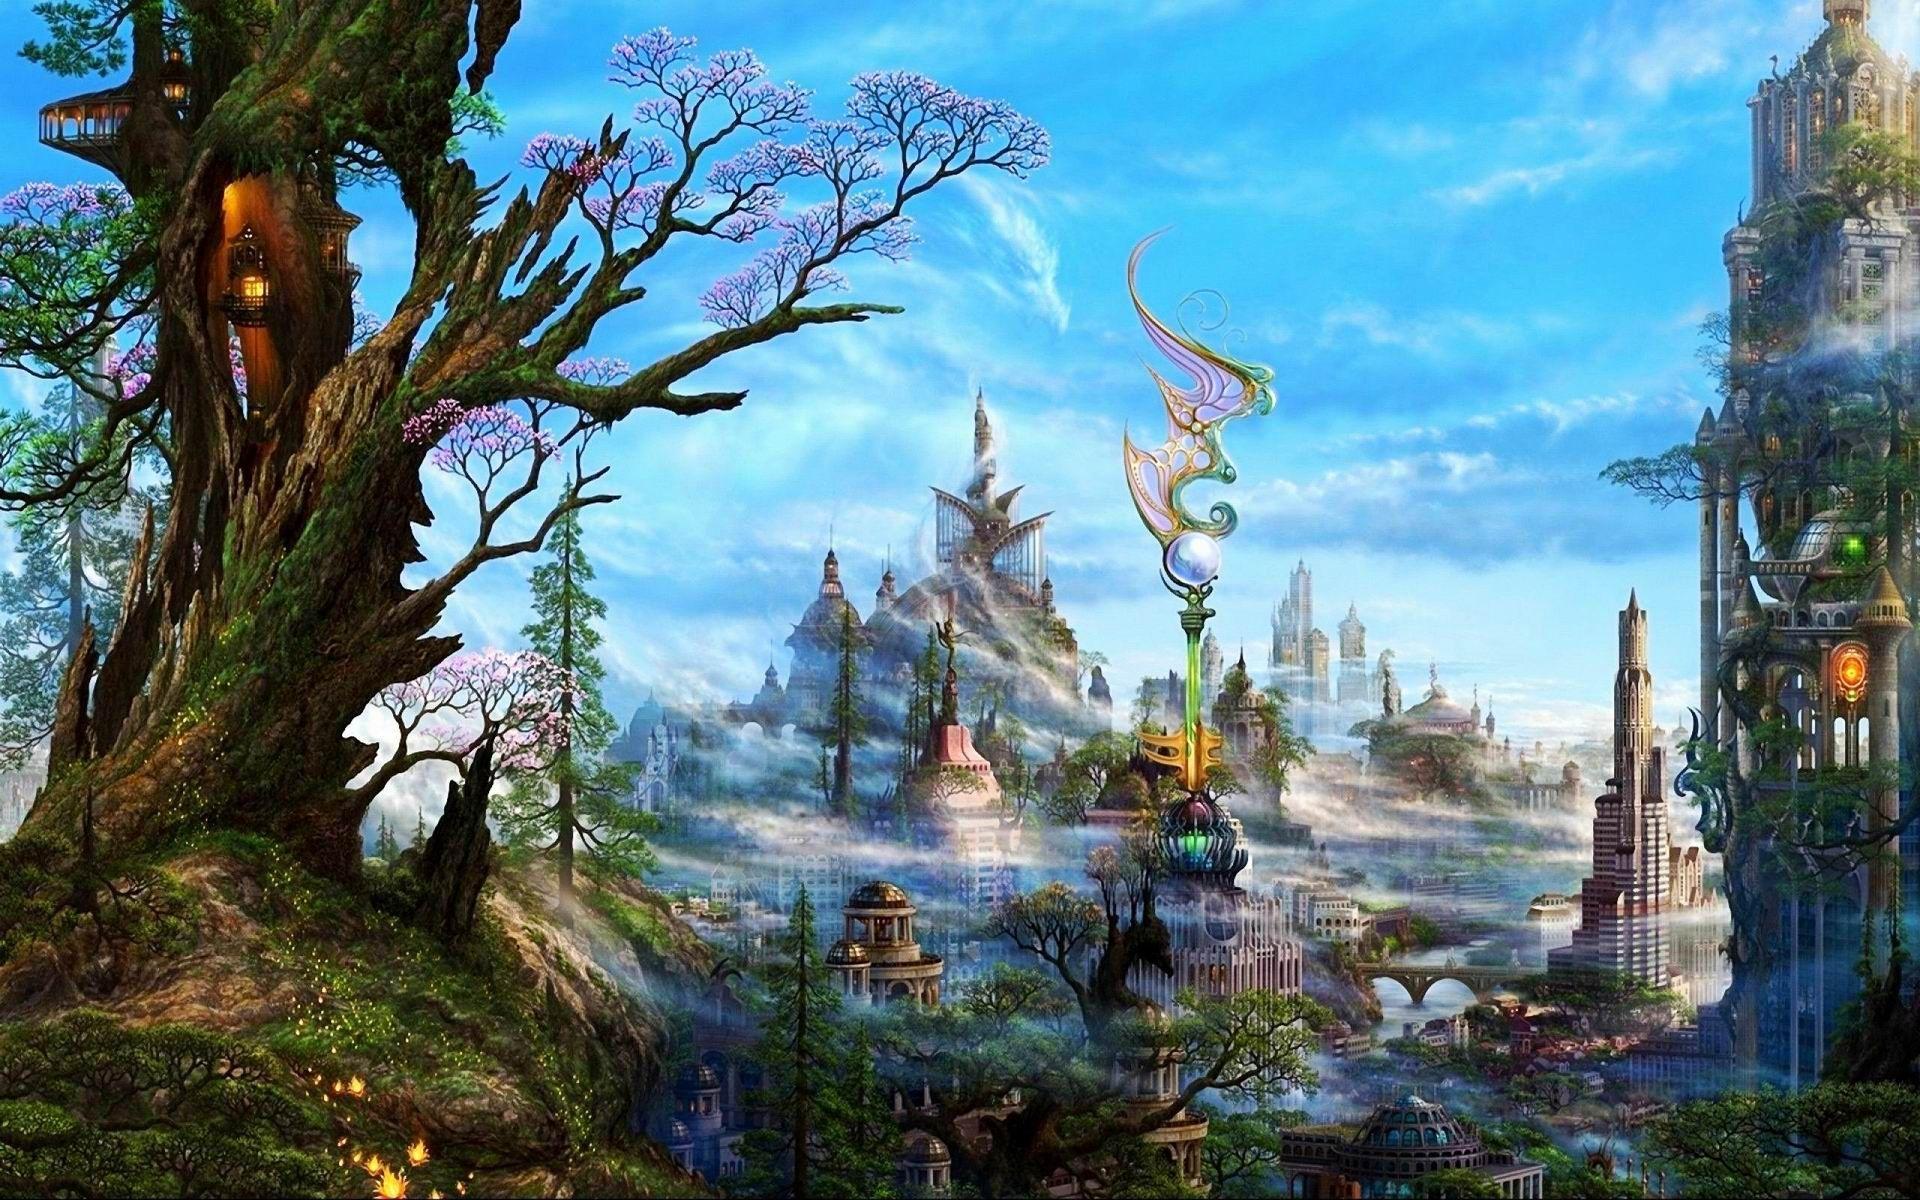 Pictures Of Fantasy Landscapes Fantasy Landscape Wallpapers Fantasy Landscape Landscape Wallpaper Fantasy Background